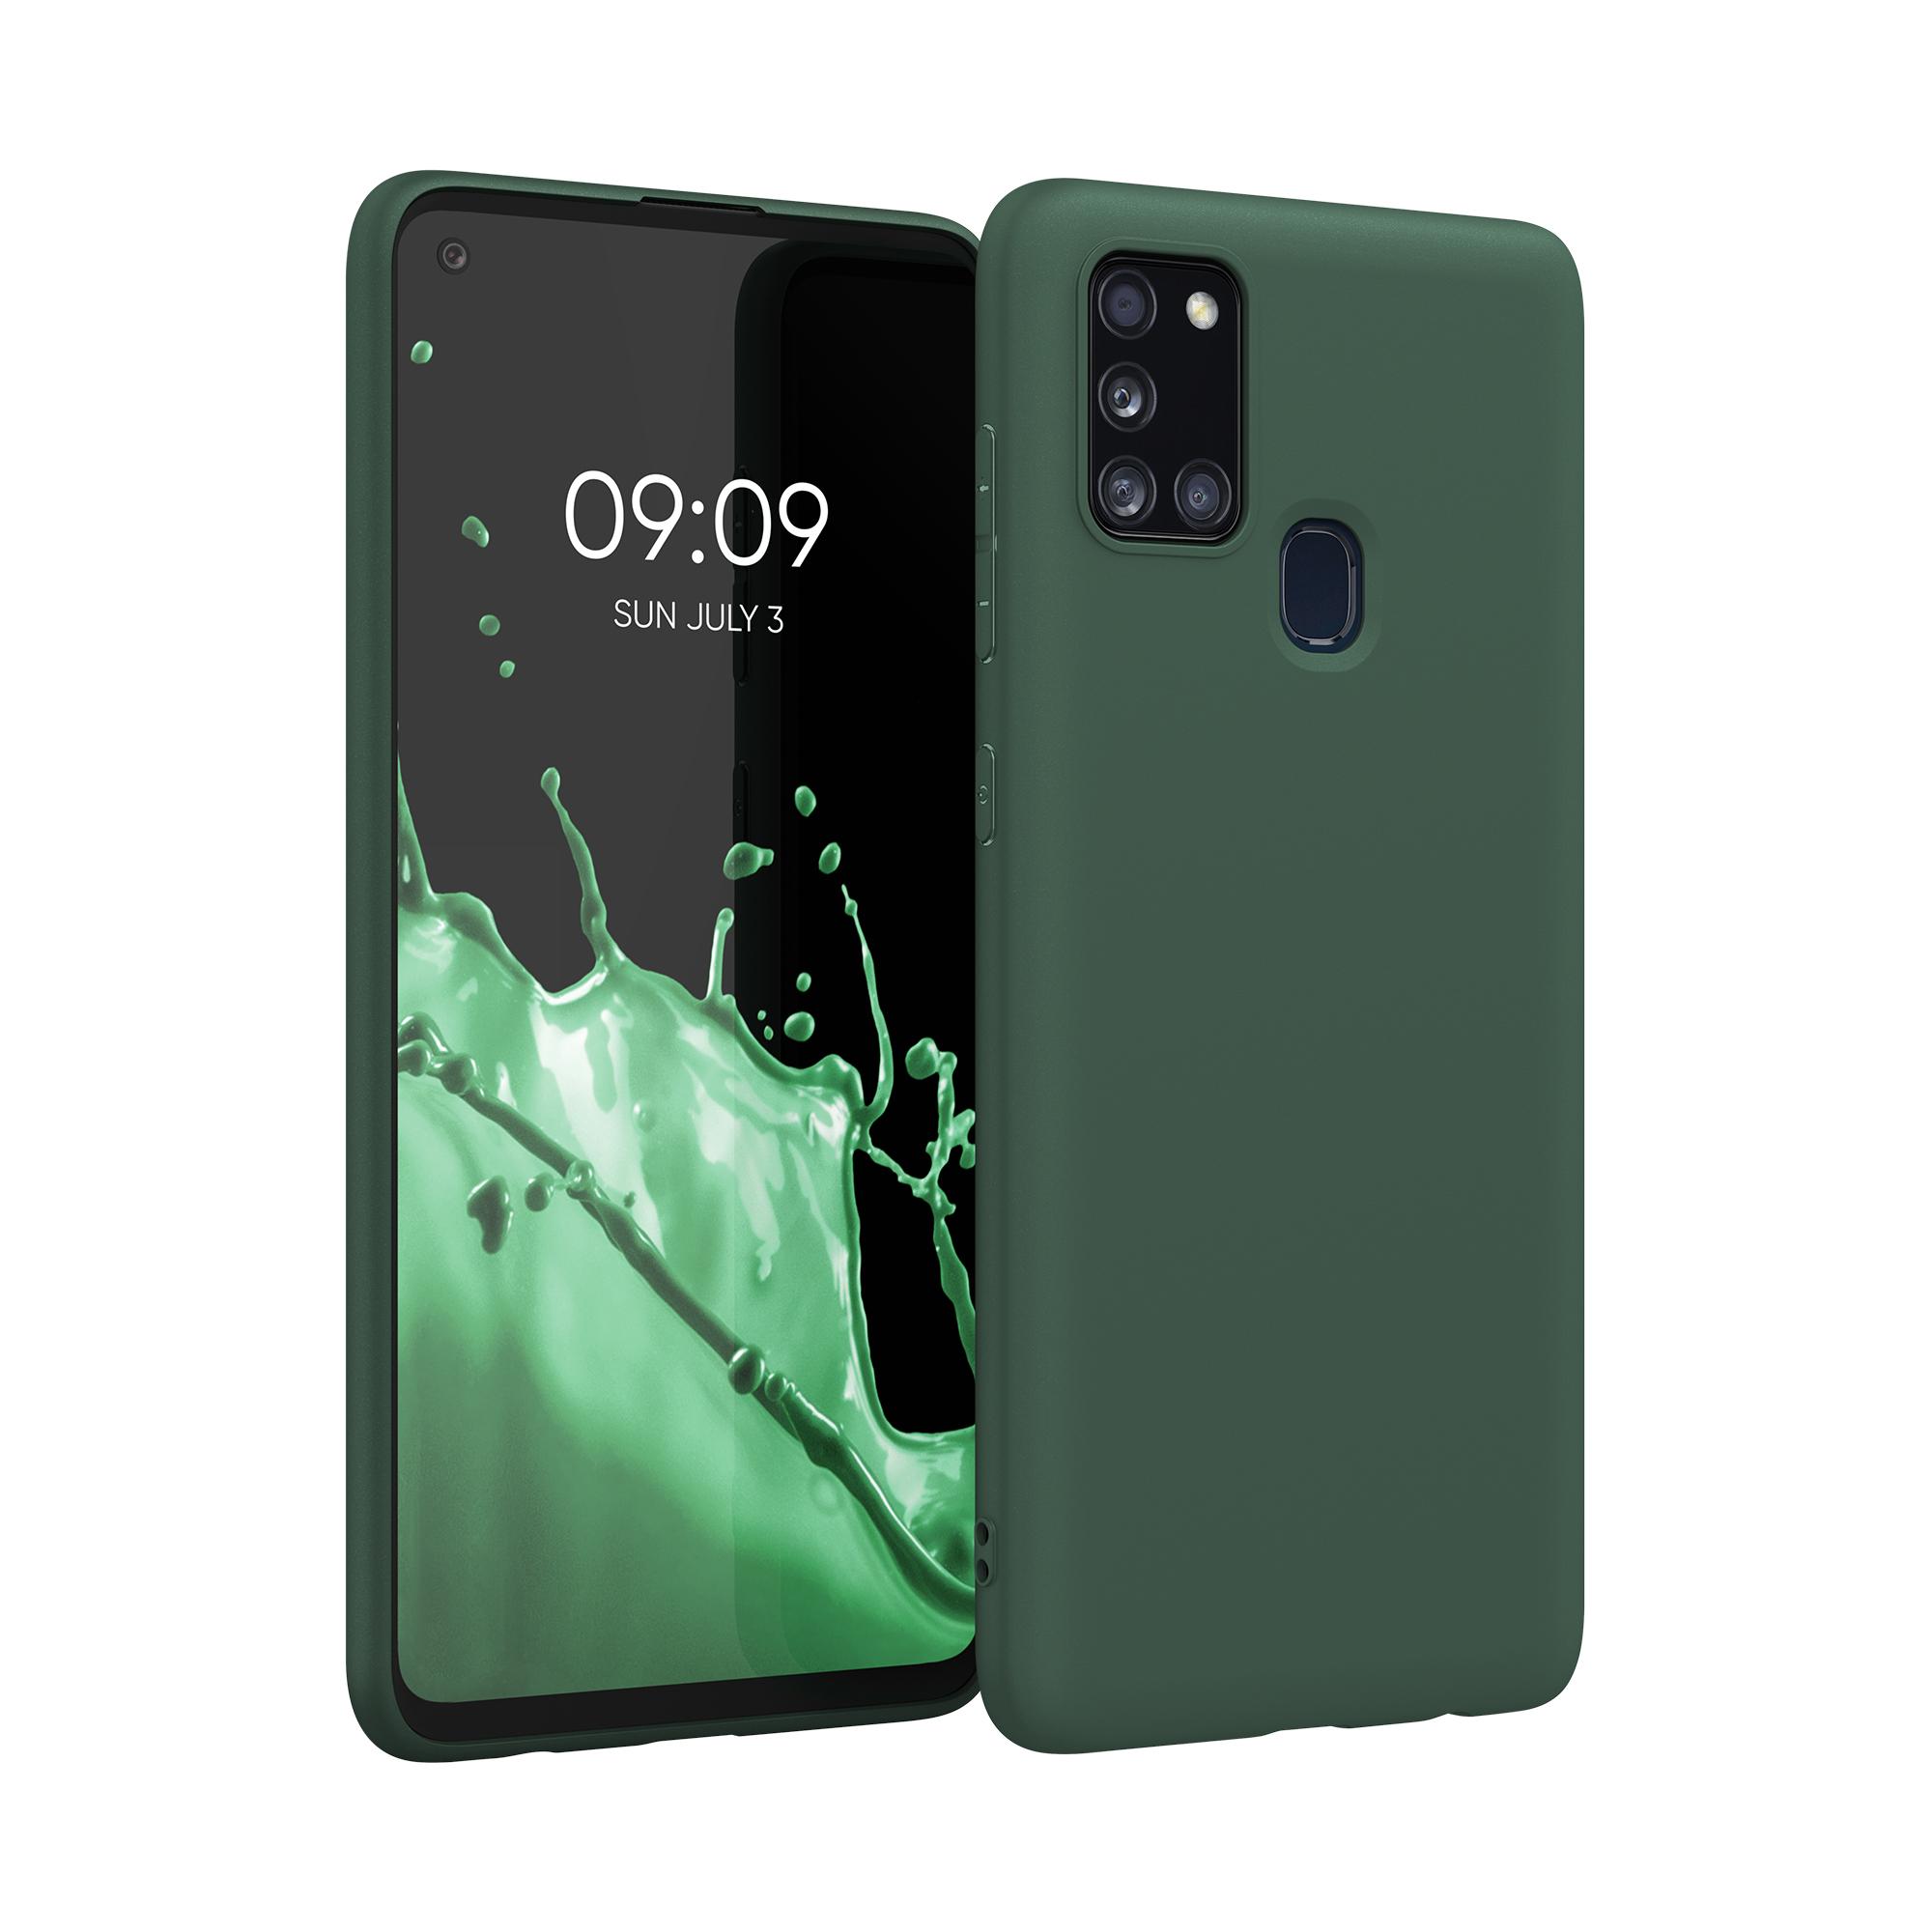 Kvalitní silikonové TPU pouzdro pro Samsung A21s - Moss zelené